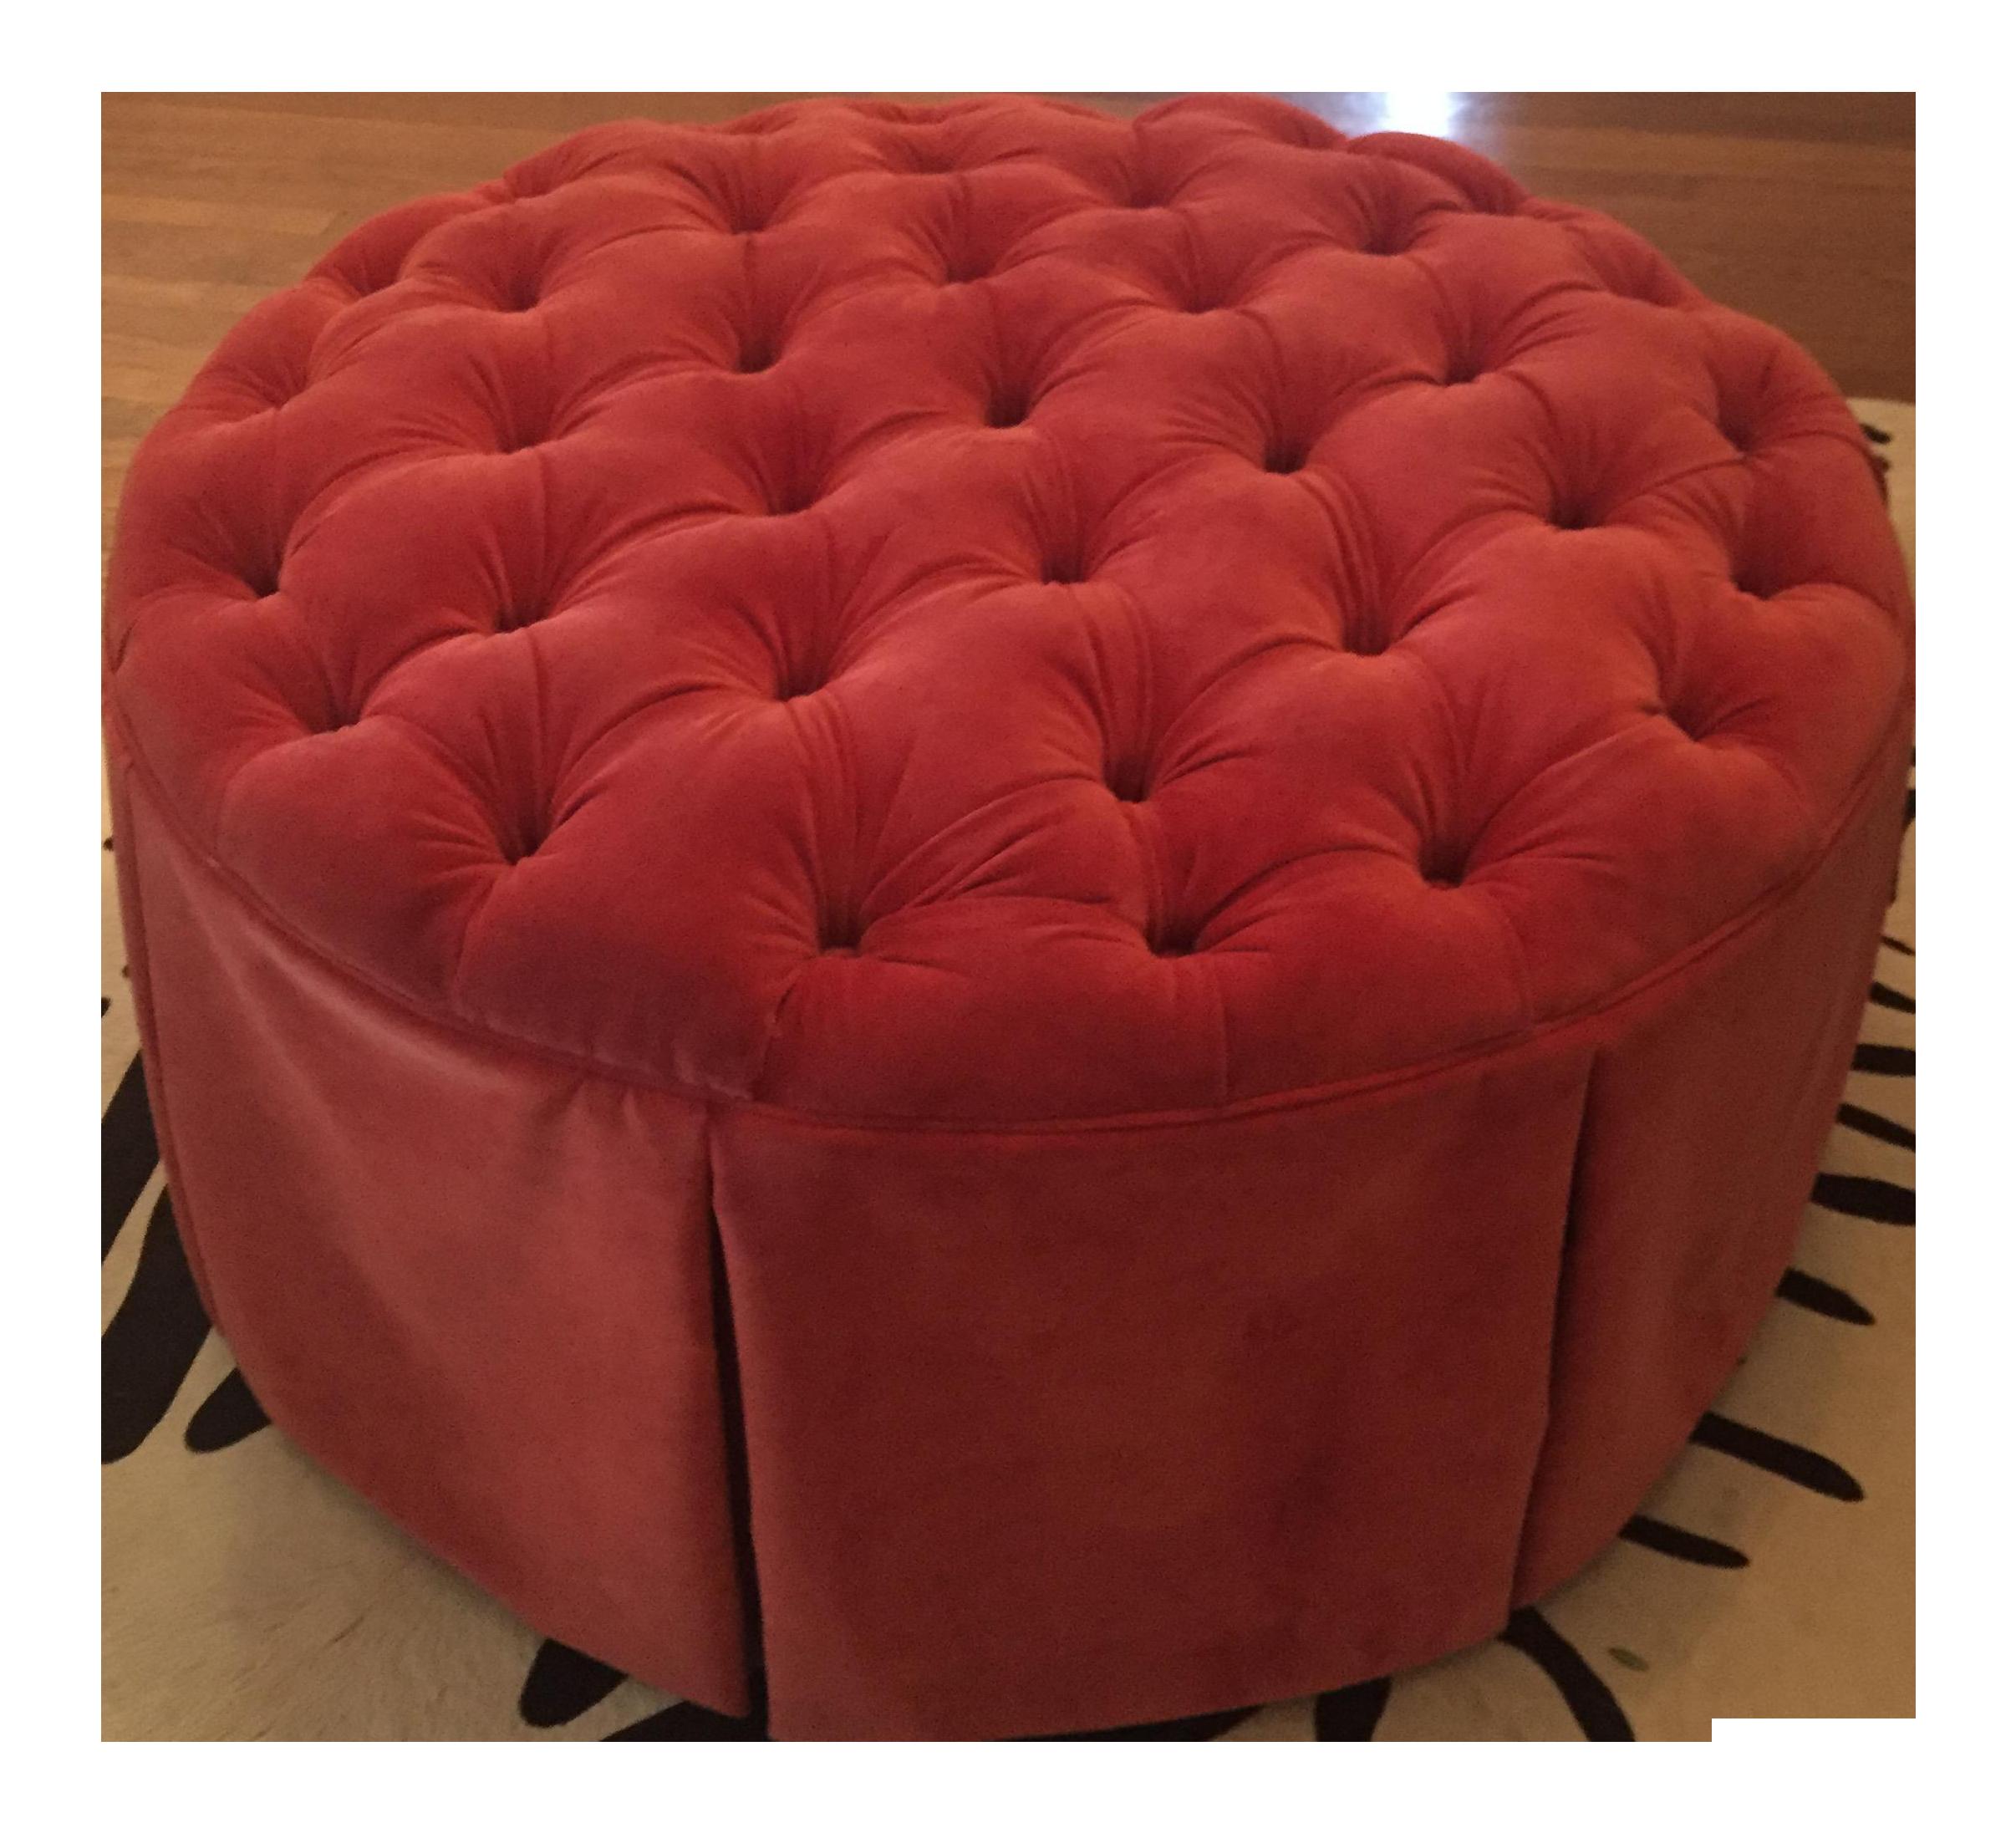 Ballard Designs Tufted Red Velvet Storage Ottoman Chairish